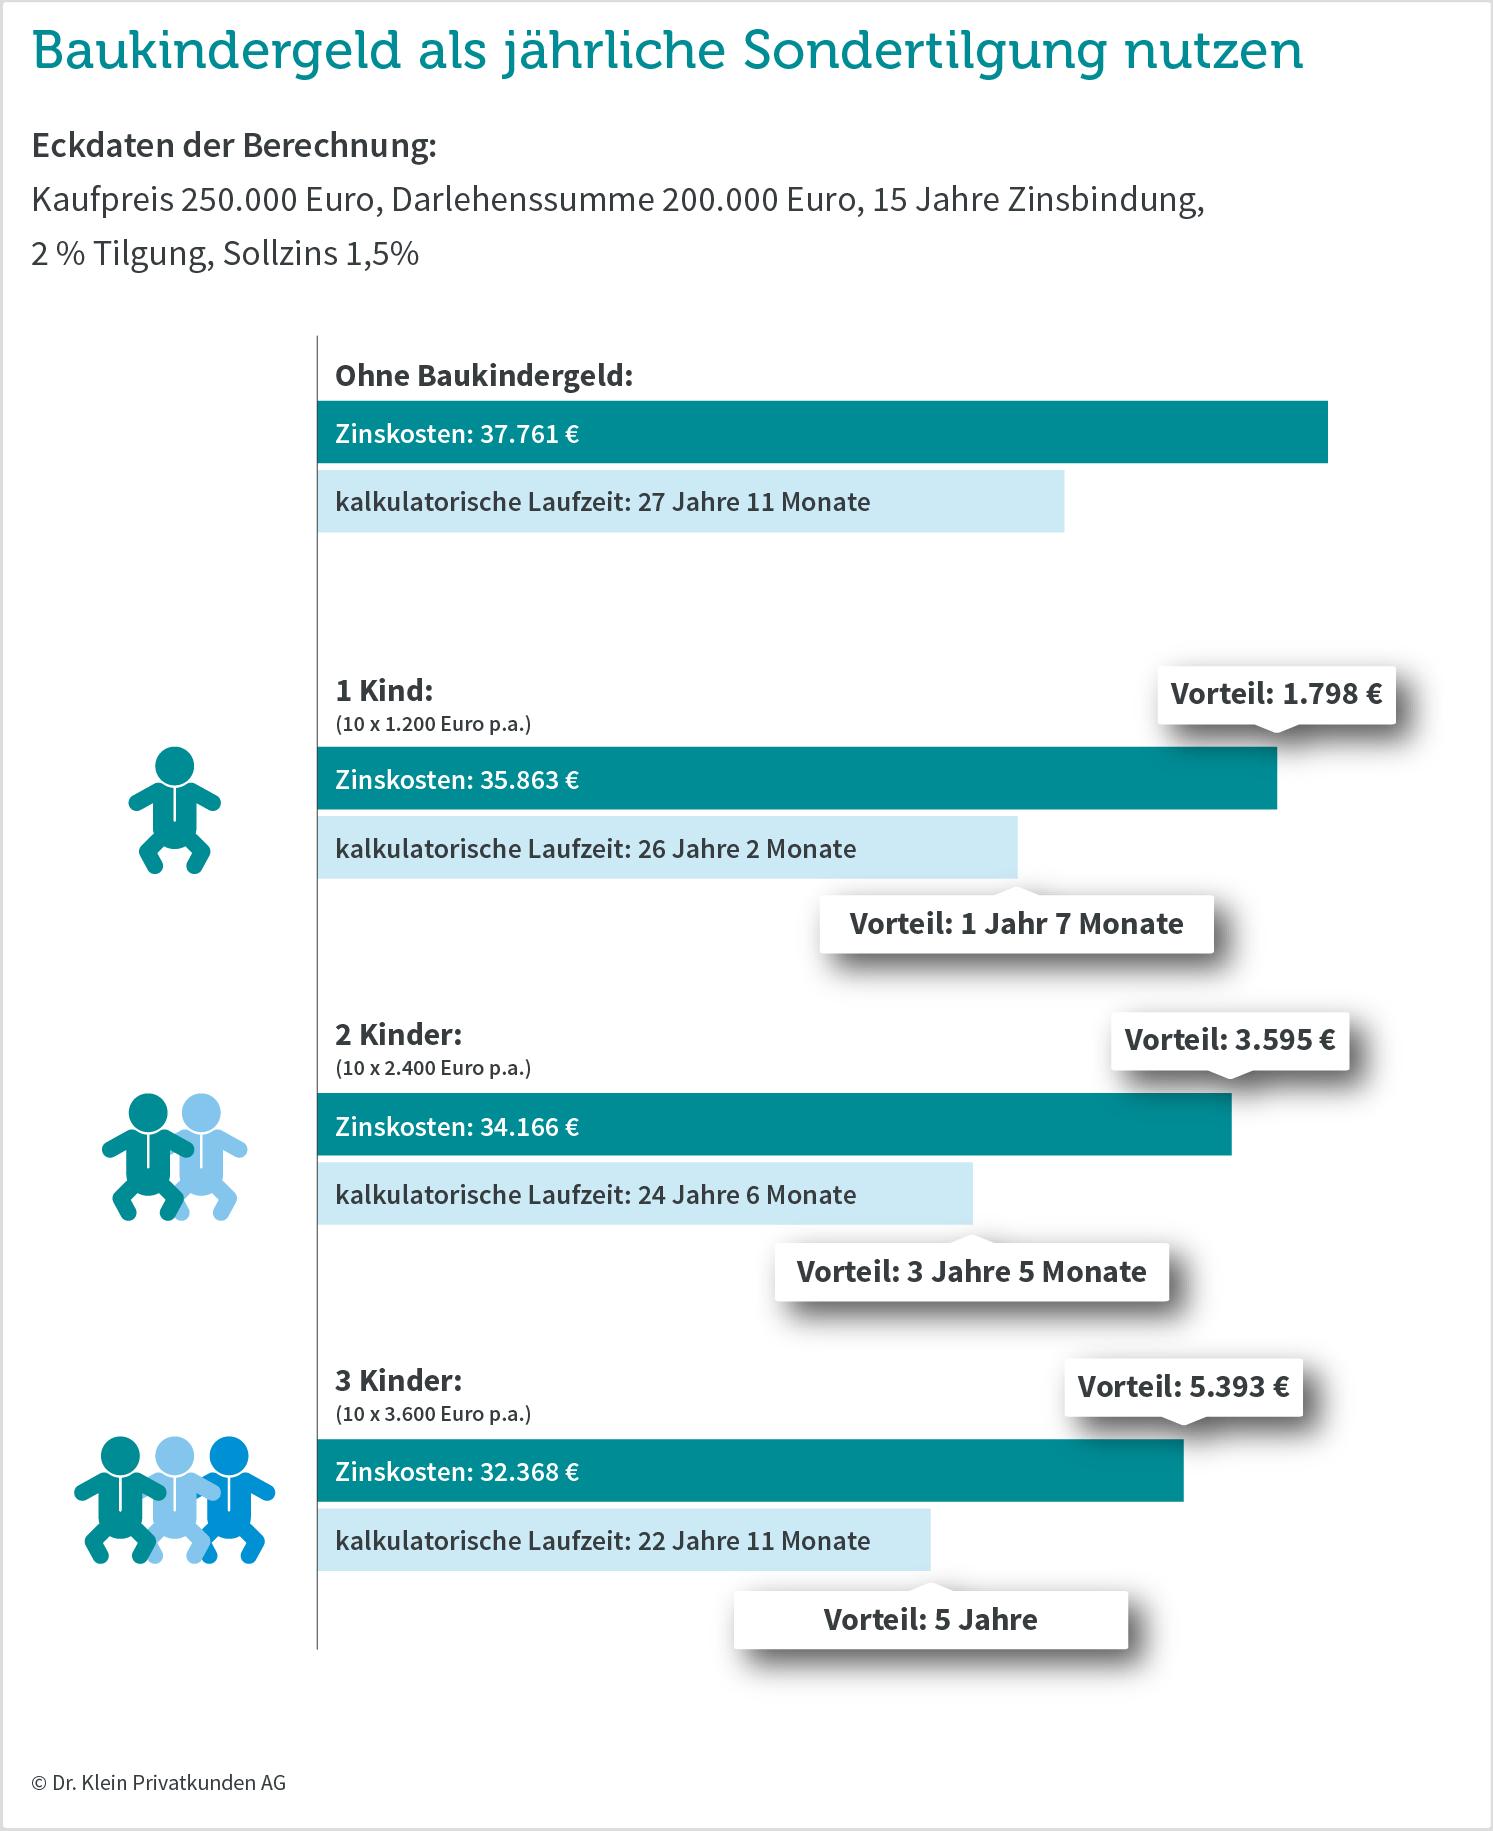 Grafik: Mit dem Baukindergeld Laufzeit verkürzen und Geld sparen